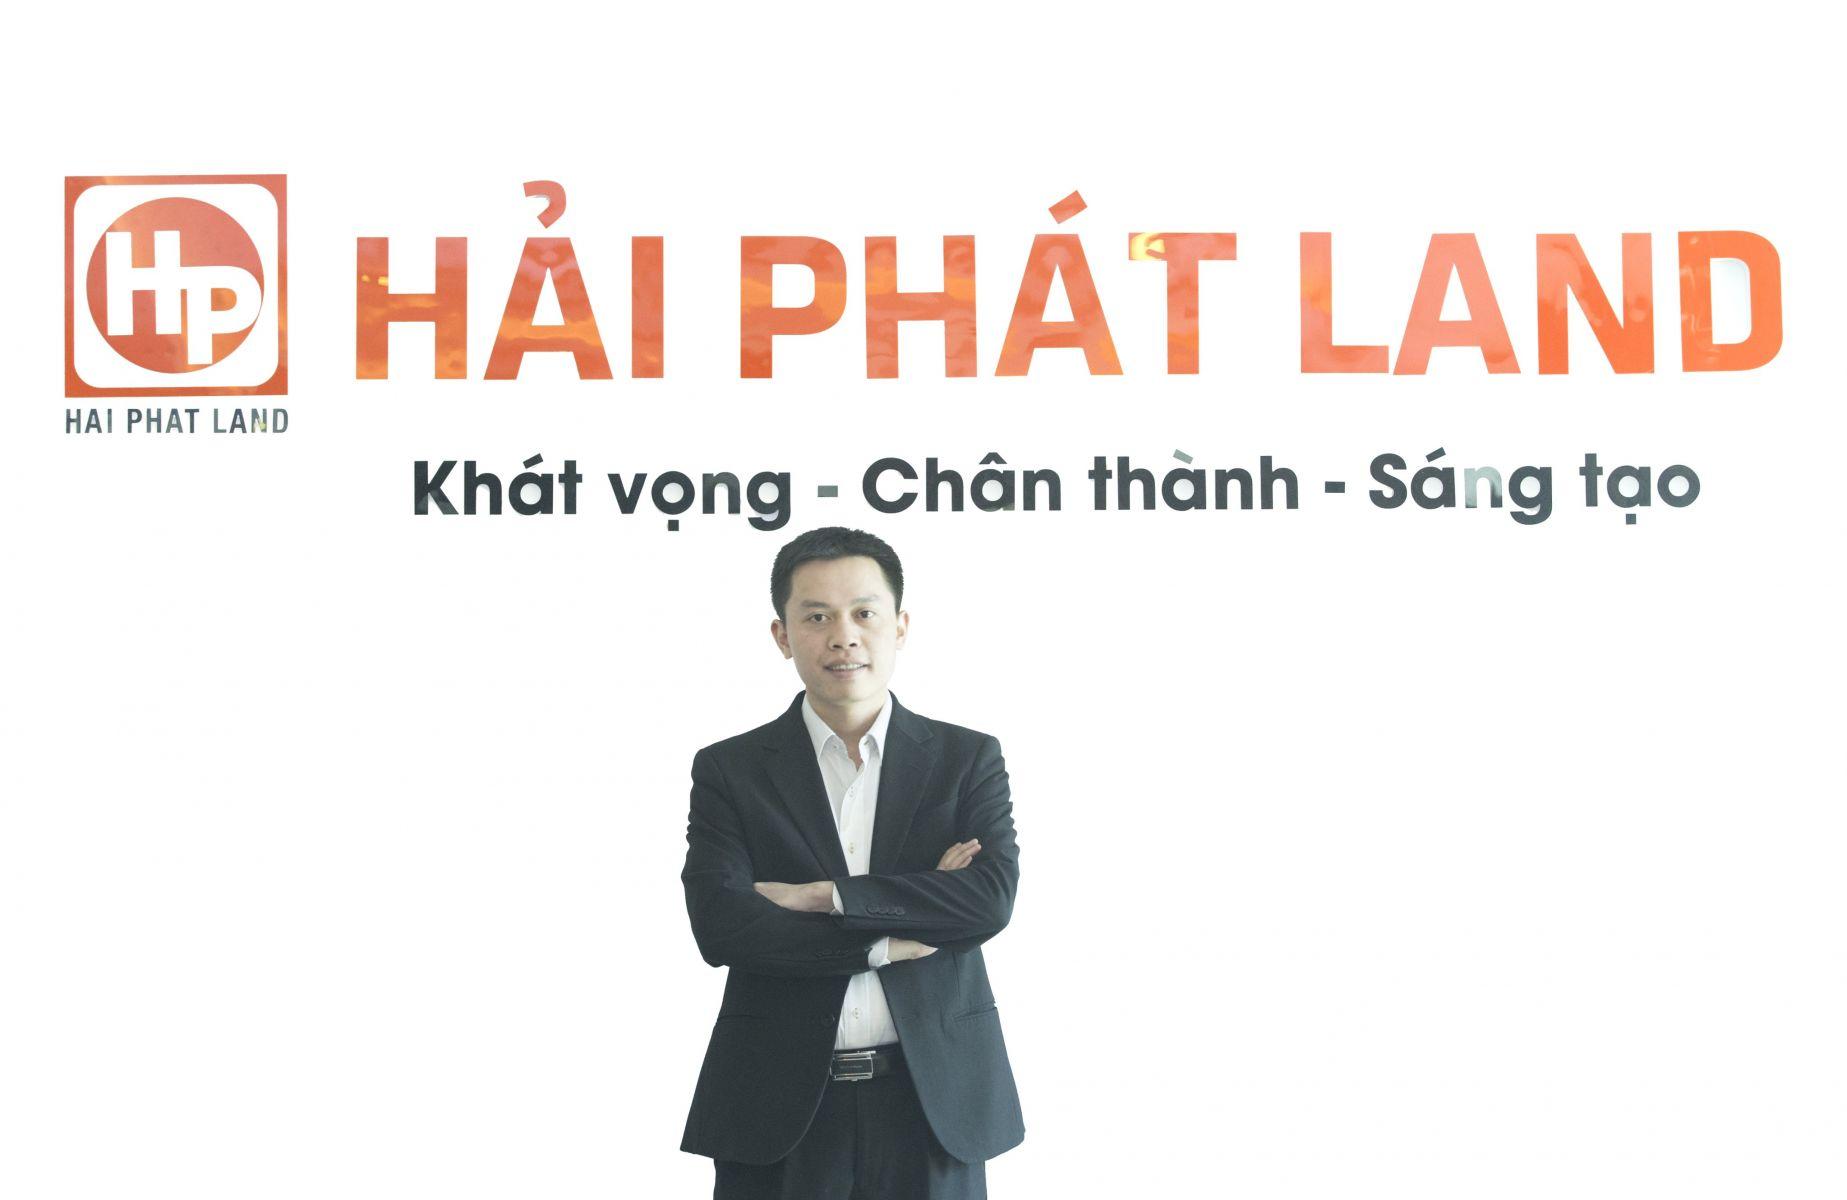 CEO Hải Phát Land lọt Top 100 Doanh nhân trẻ Việt Nam tiêu biểu năm 2019